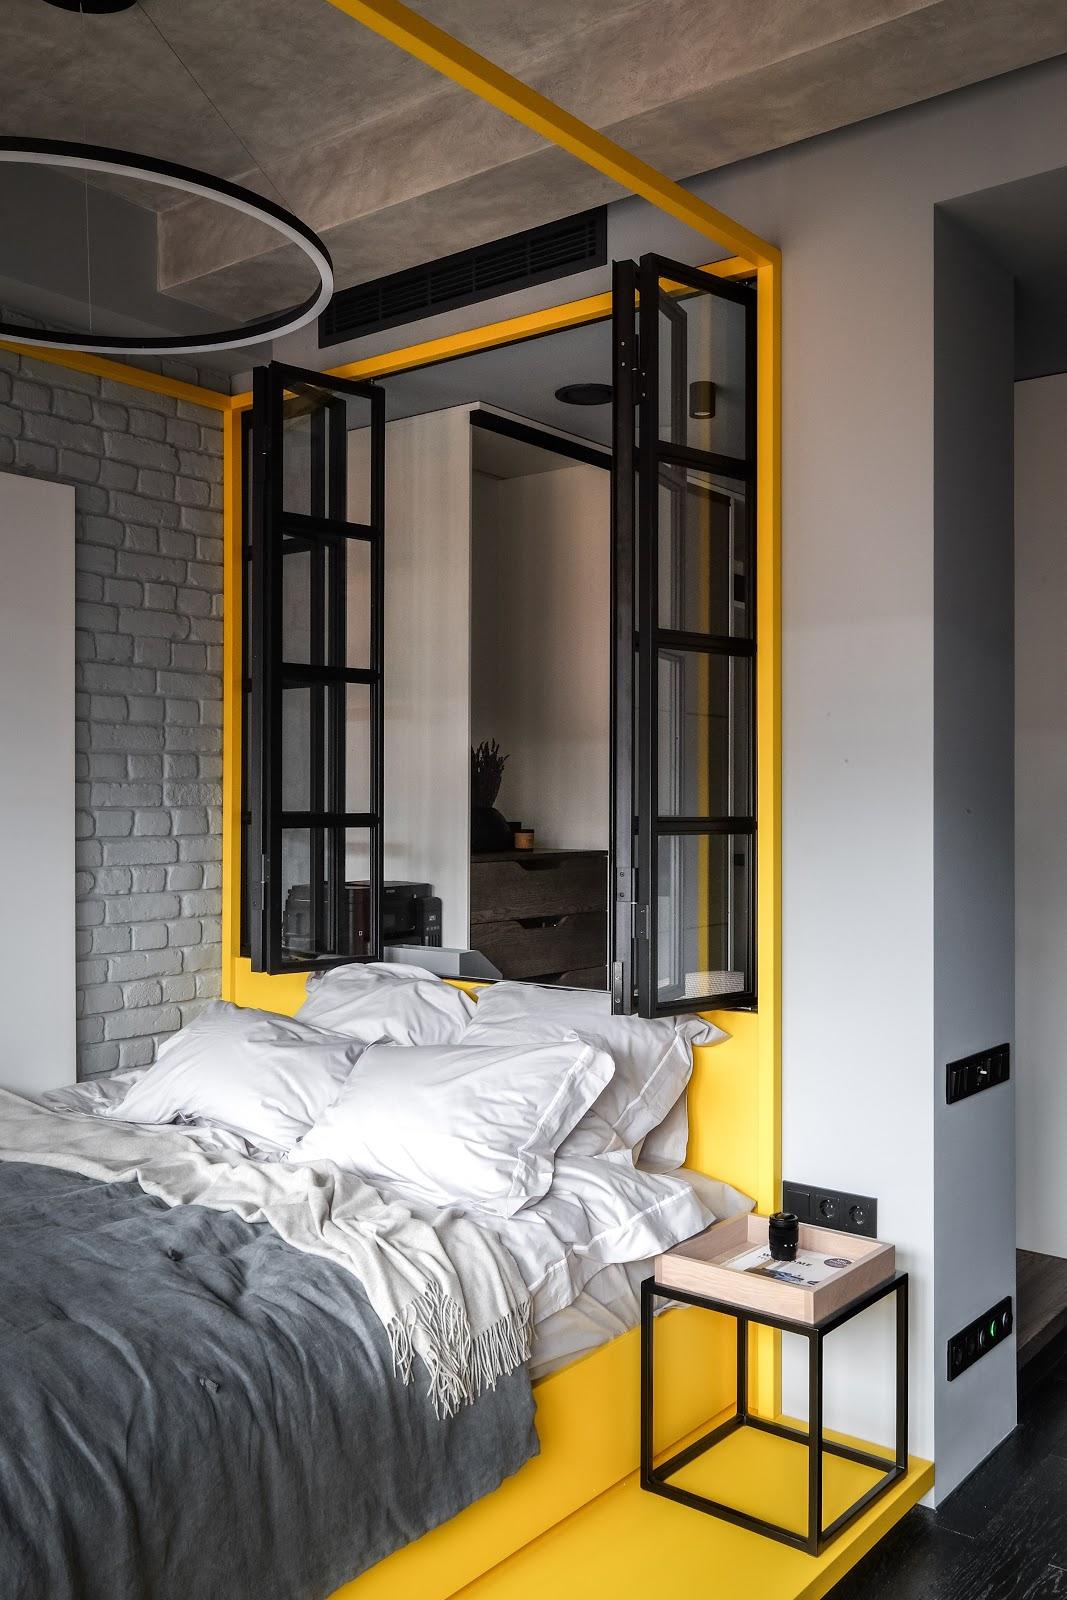 quarto estilo industrial decoração cinza e amarelo